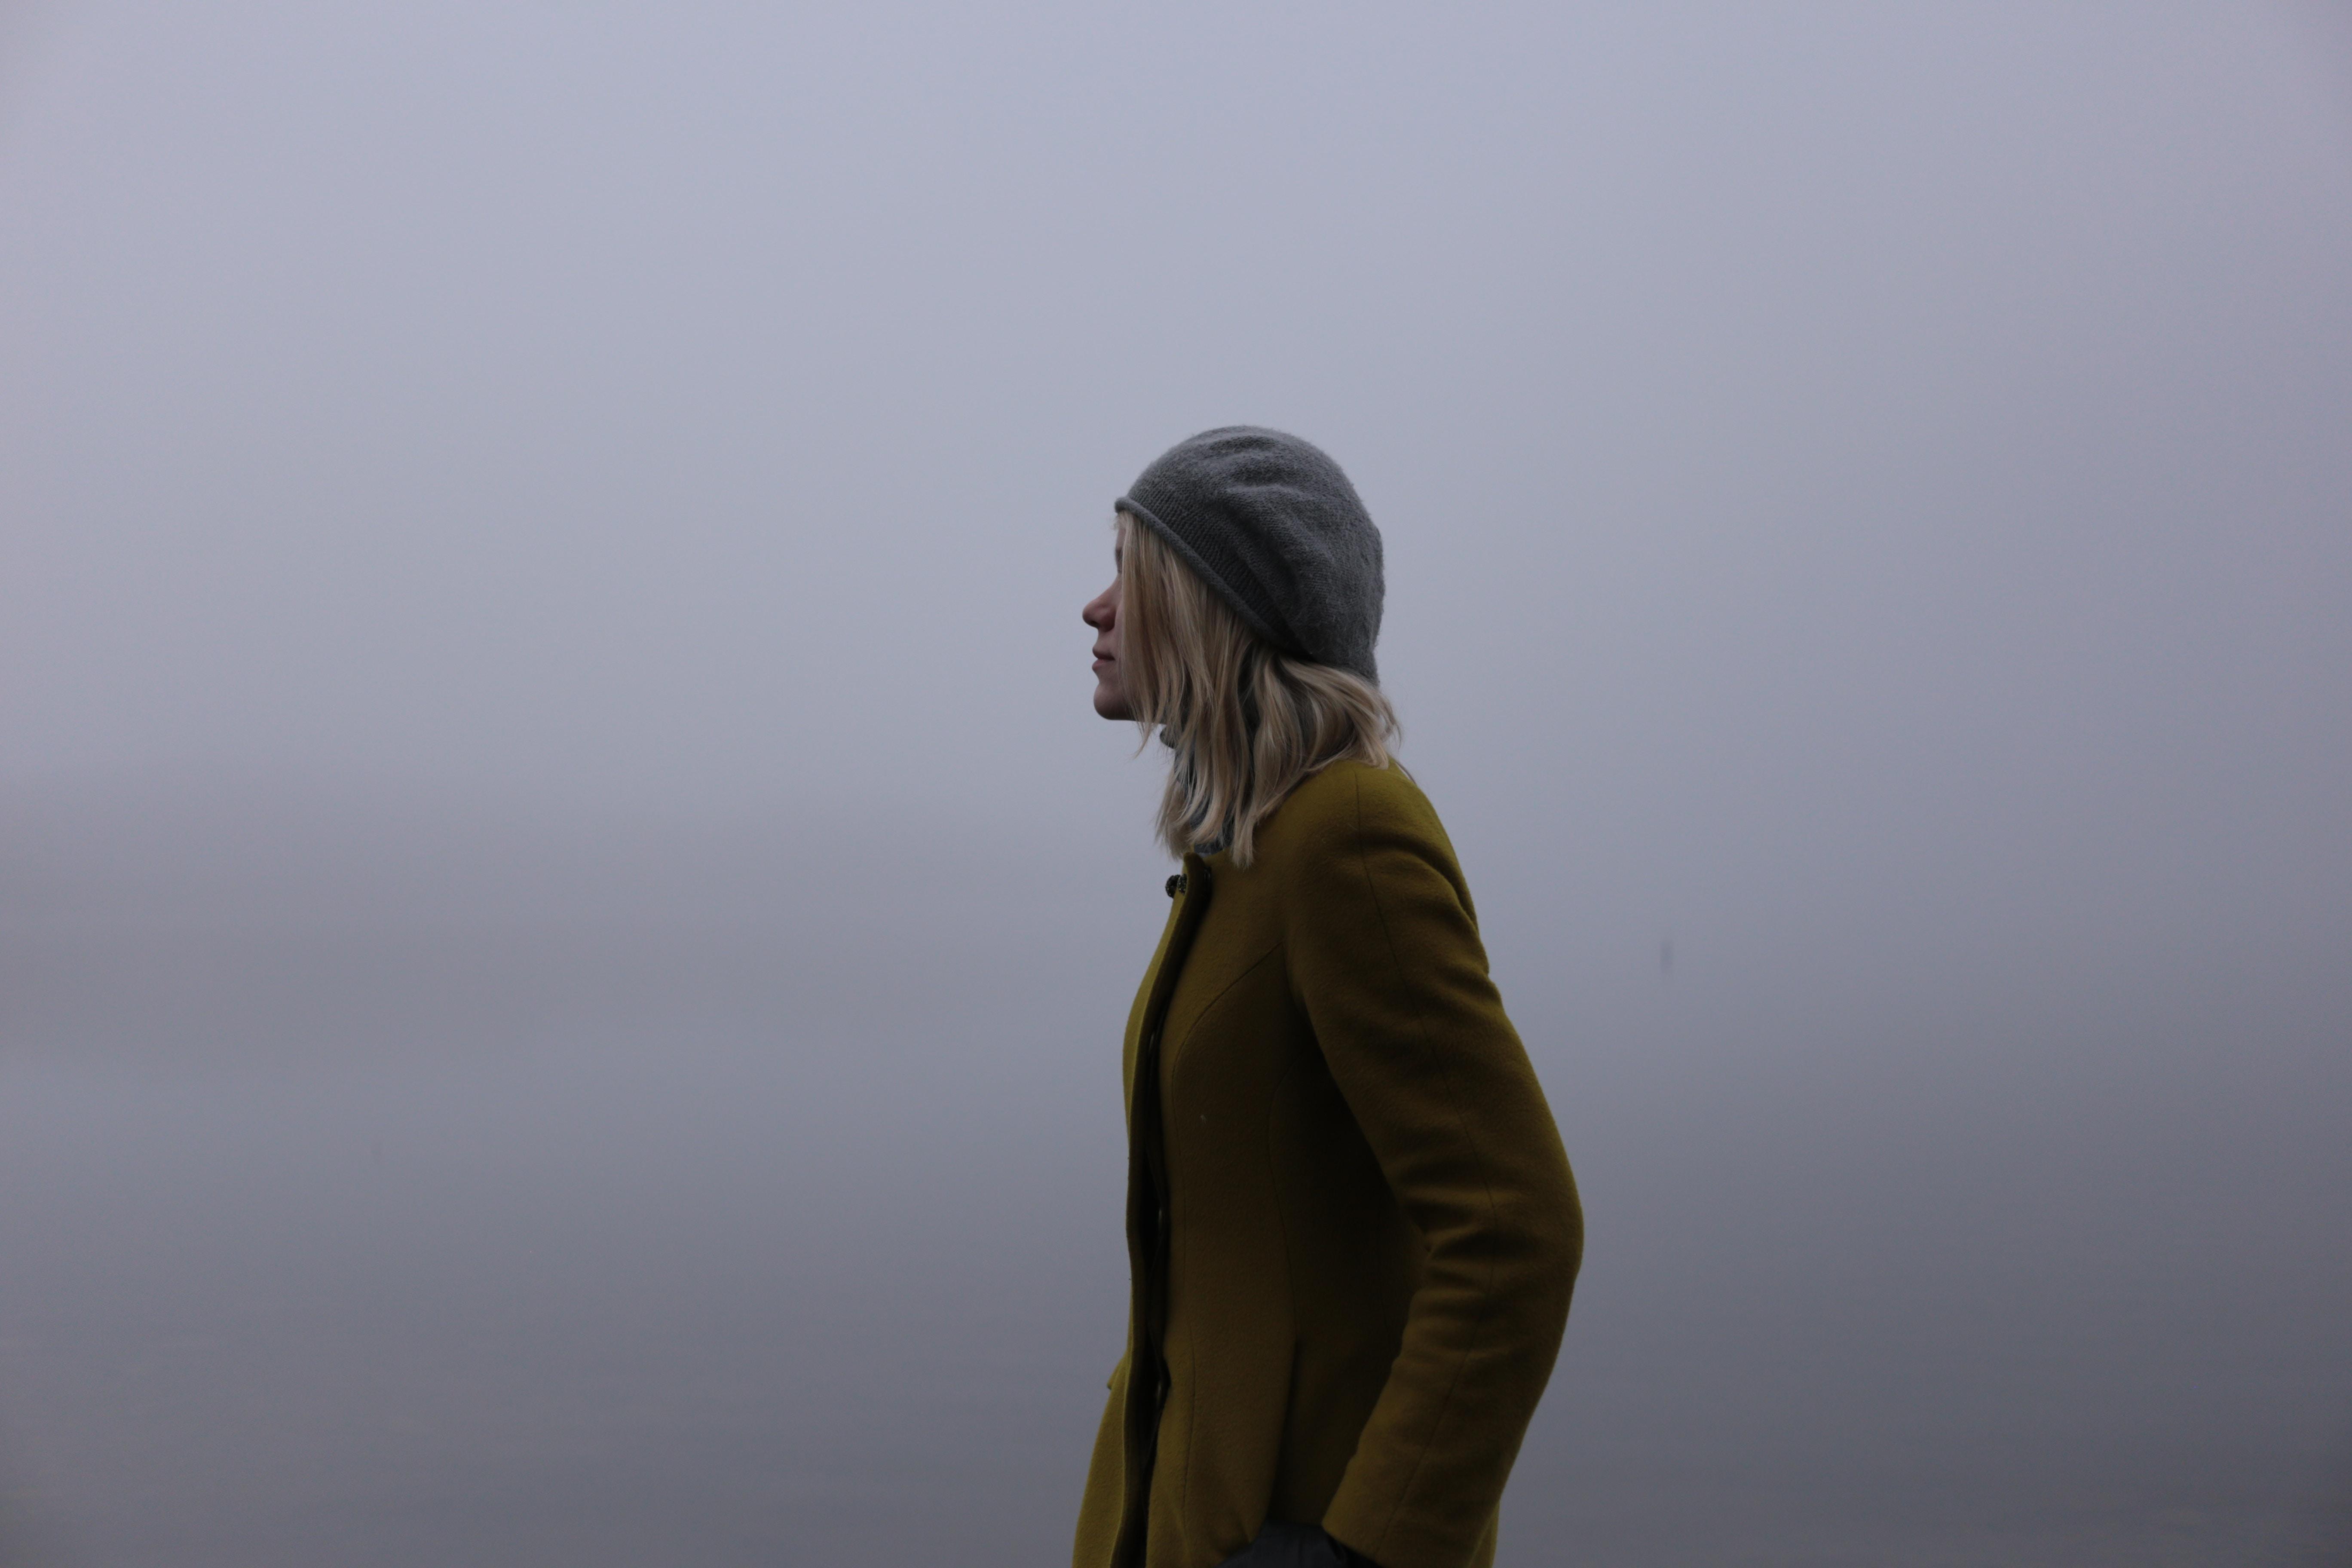 曇りの中歩く女性